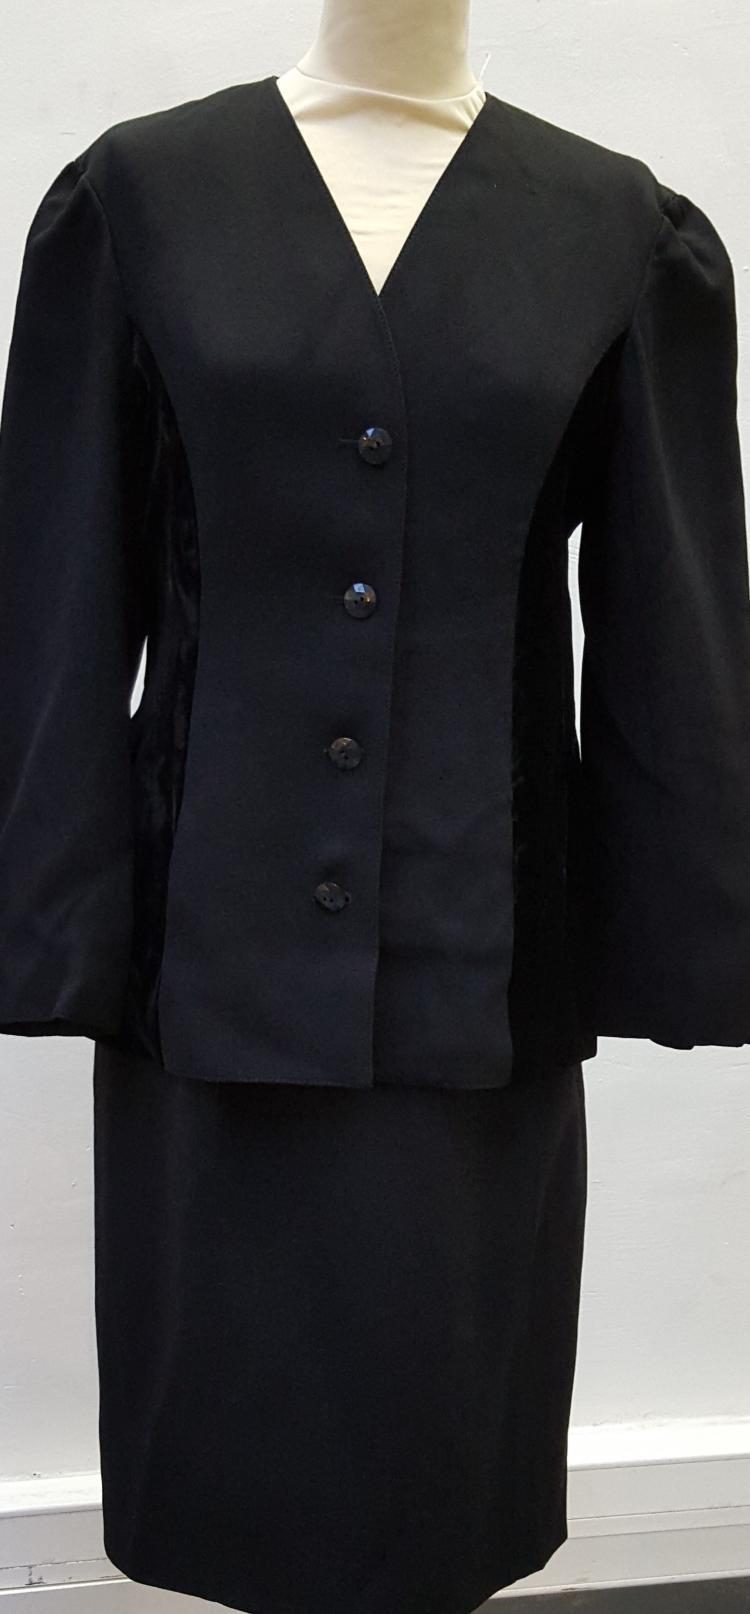 VALENTINO Boutique Tailleur veste et jupe noir empiècement de velours, boutons